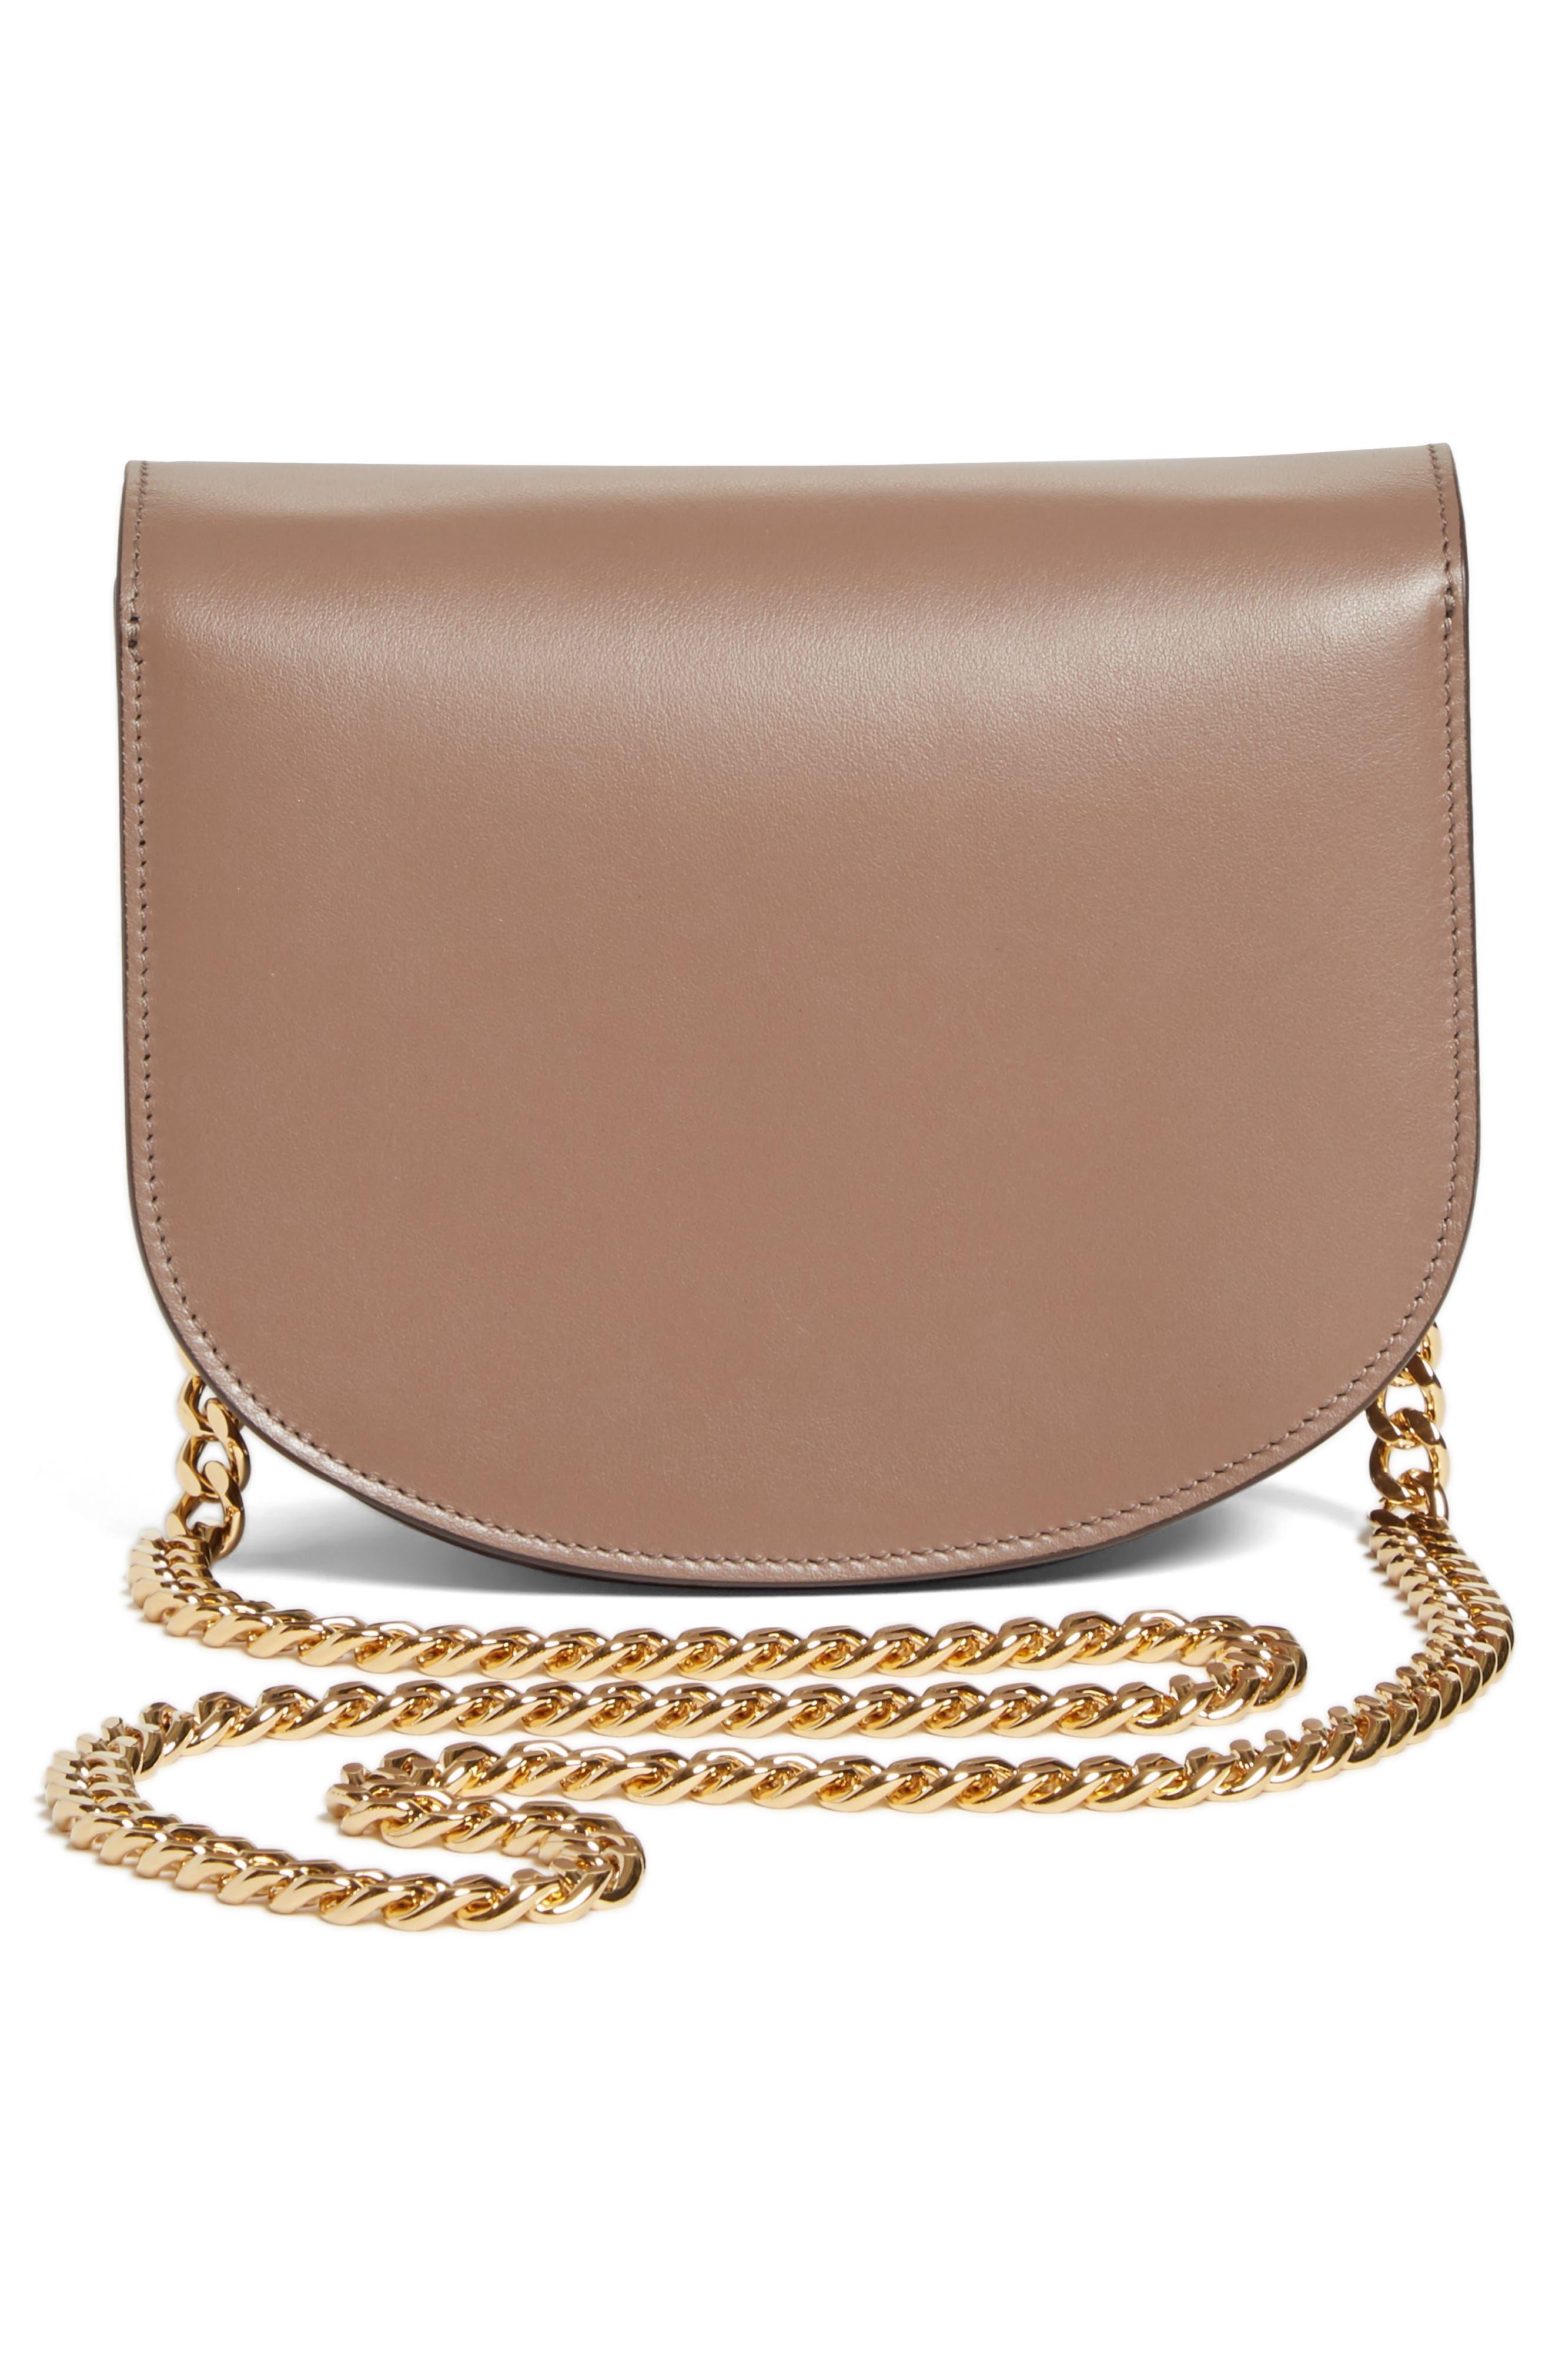 Alternate Image 3  - Victoria Beckham Medium Box Leather Shoulder Bag